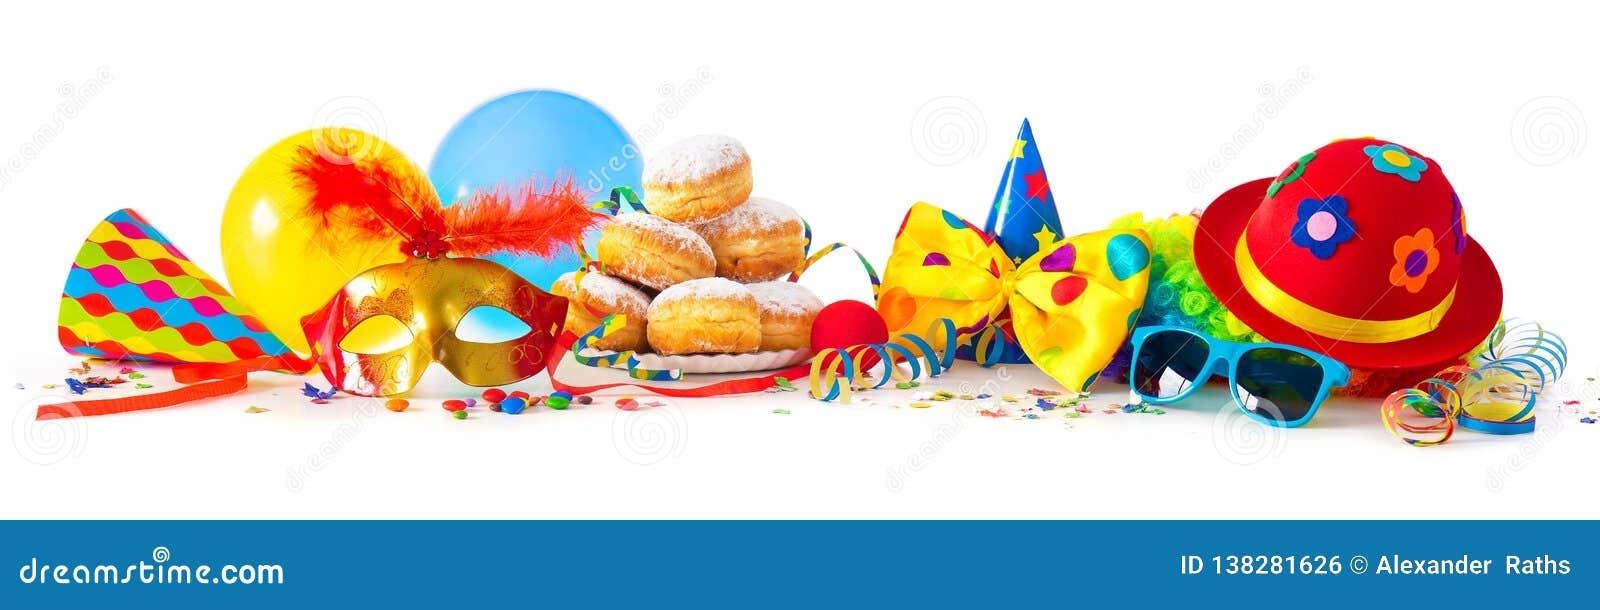 Carnaval o partido con los anillos de espuma, globos, flámulas y confeti y cara divertida